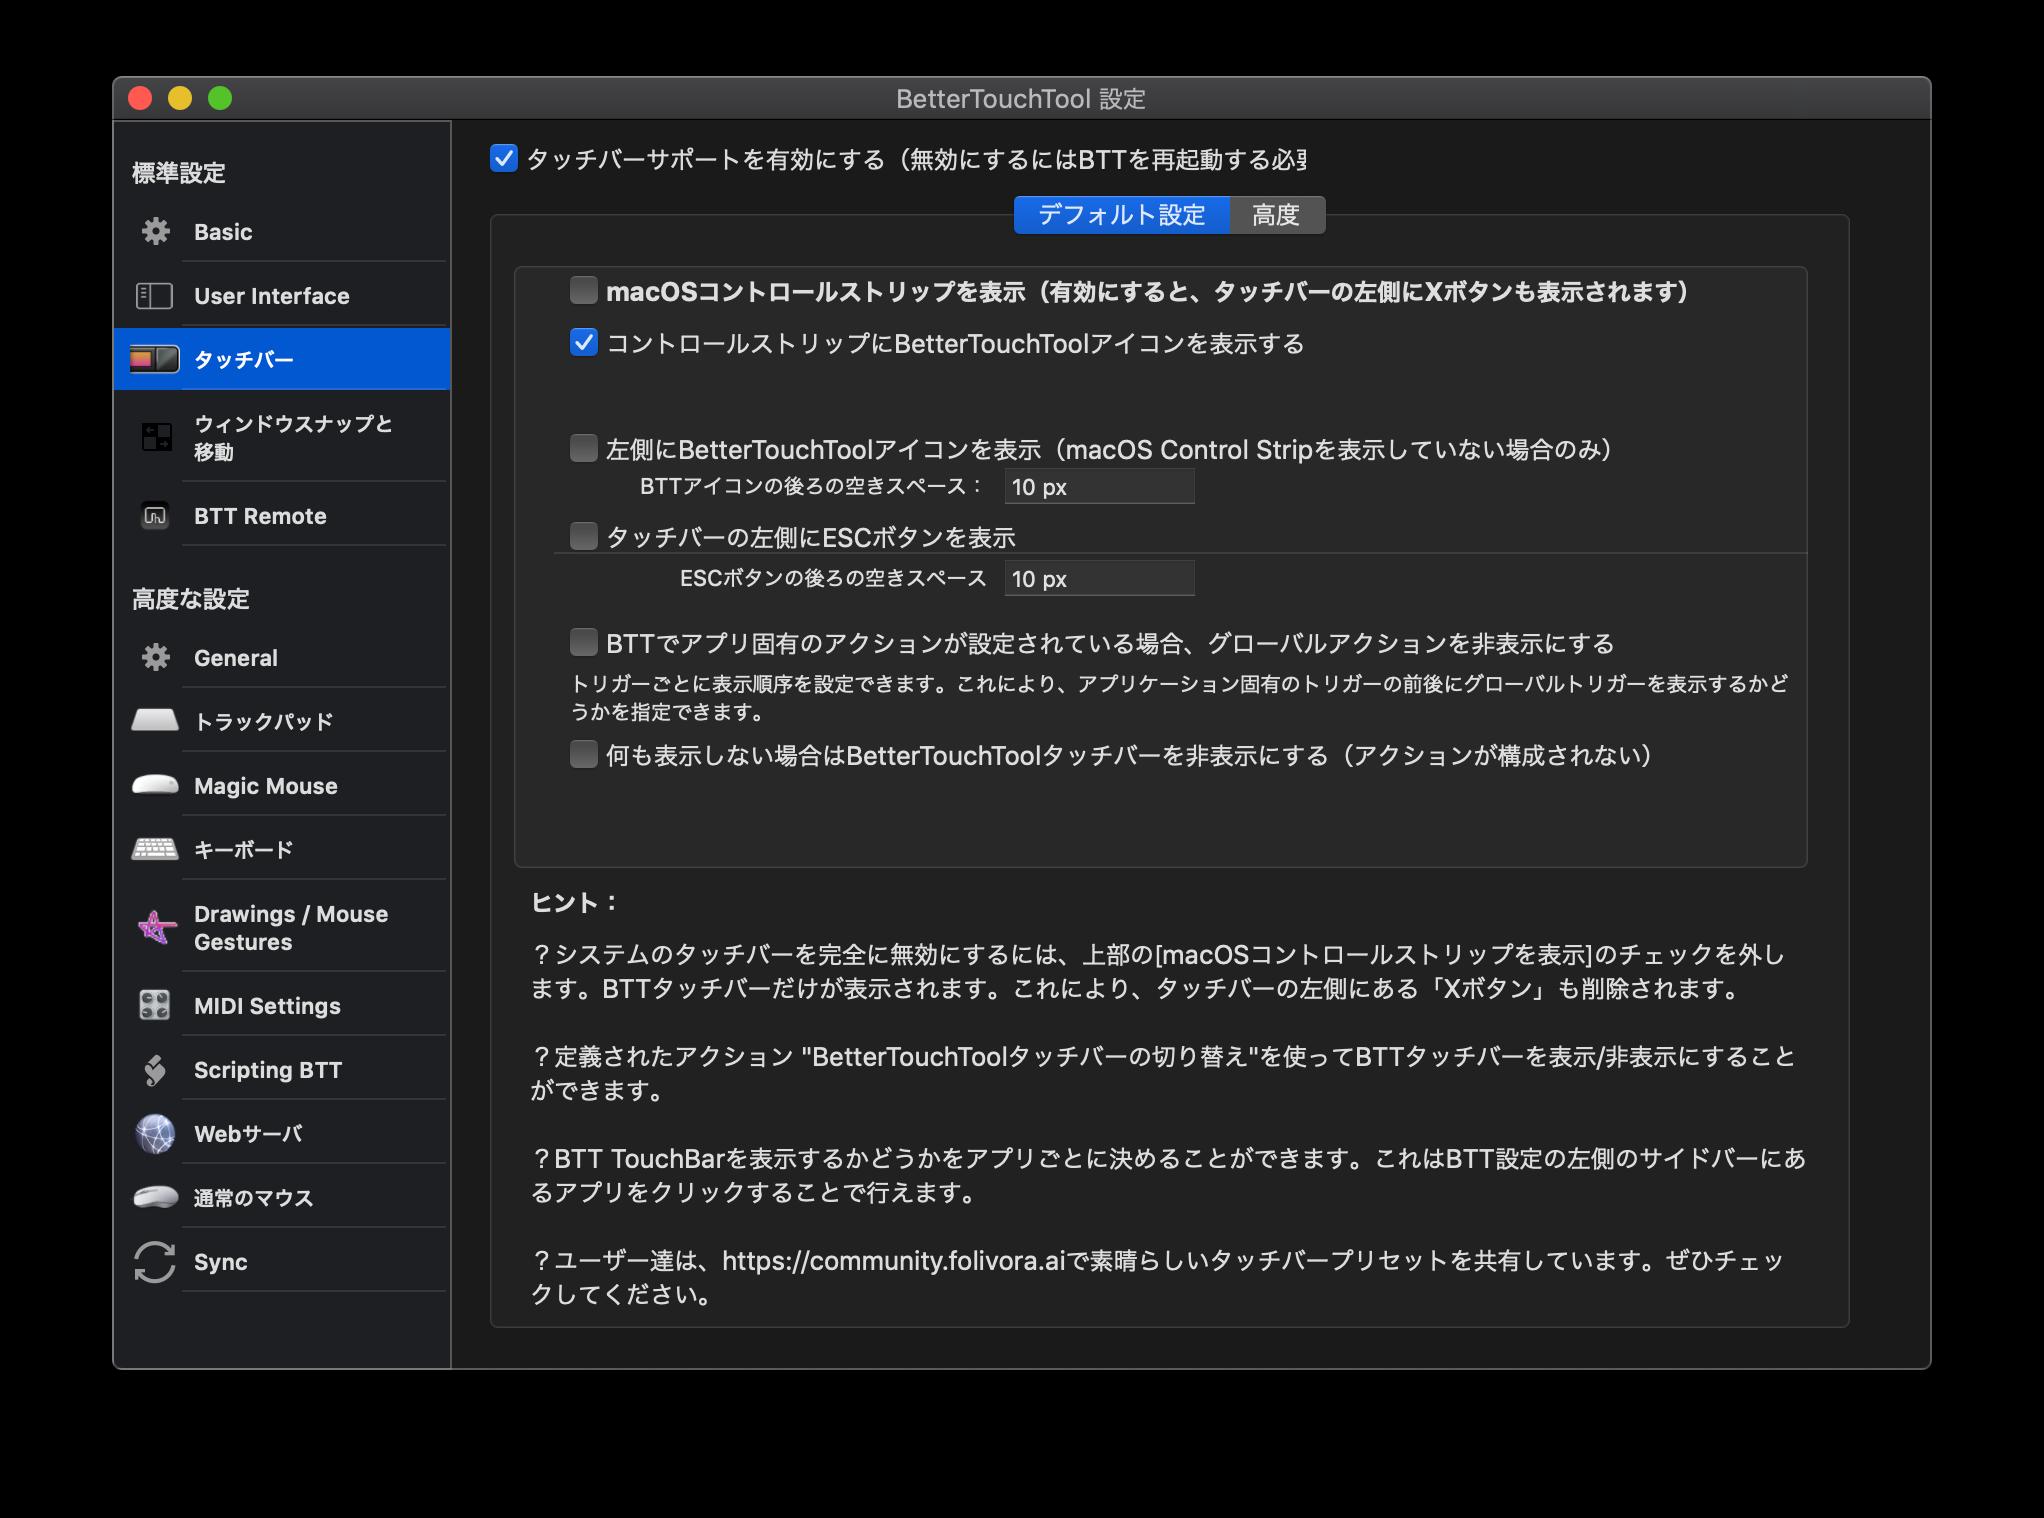 スクリーンショット 2020-05-08 0.18.03.png